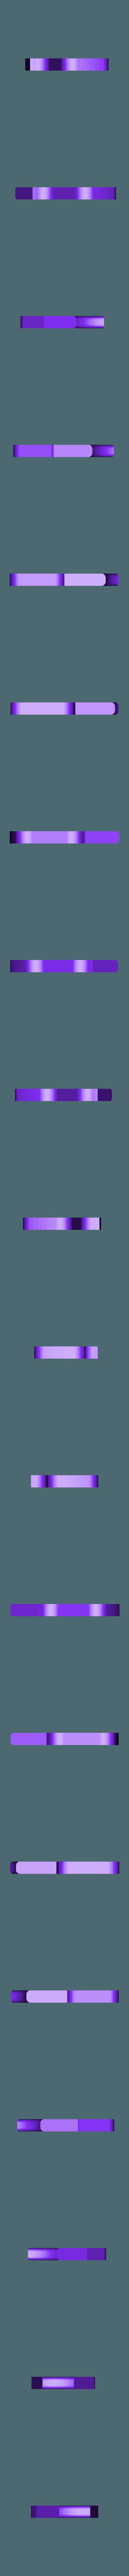 print_test.STL Télécharger fichier STL gratuit Disque d'Euclide • Modèle pour imprimante 3D, seb2320